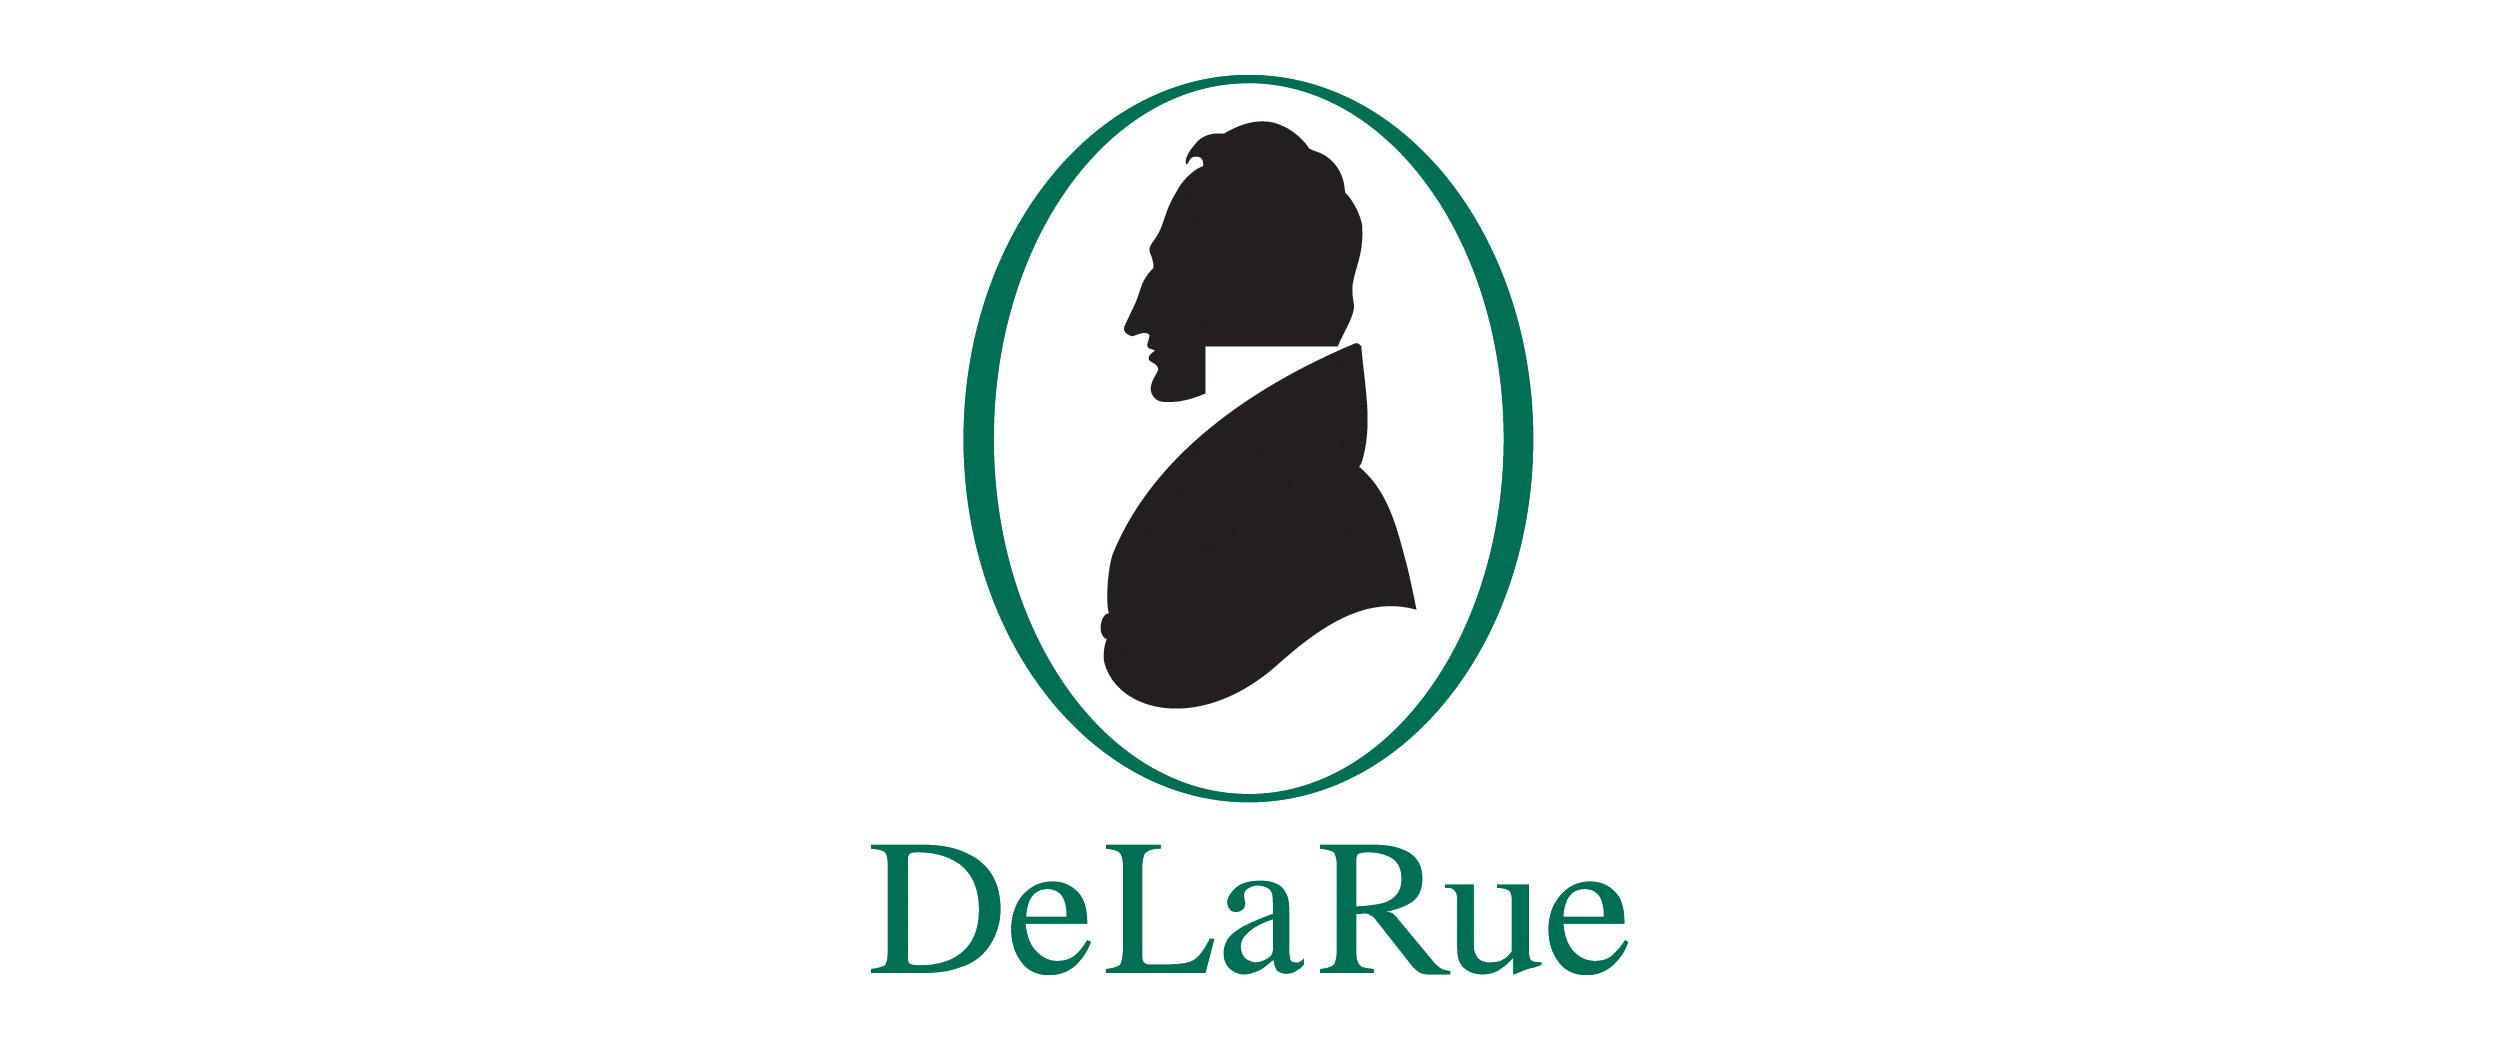 DLR_logo_copy.jpg